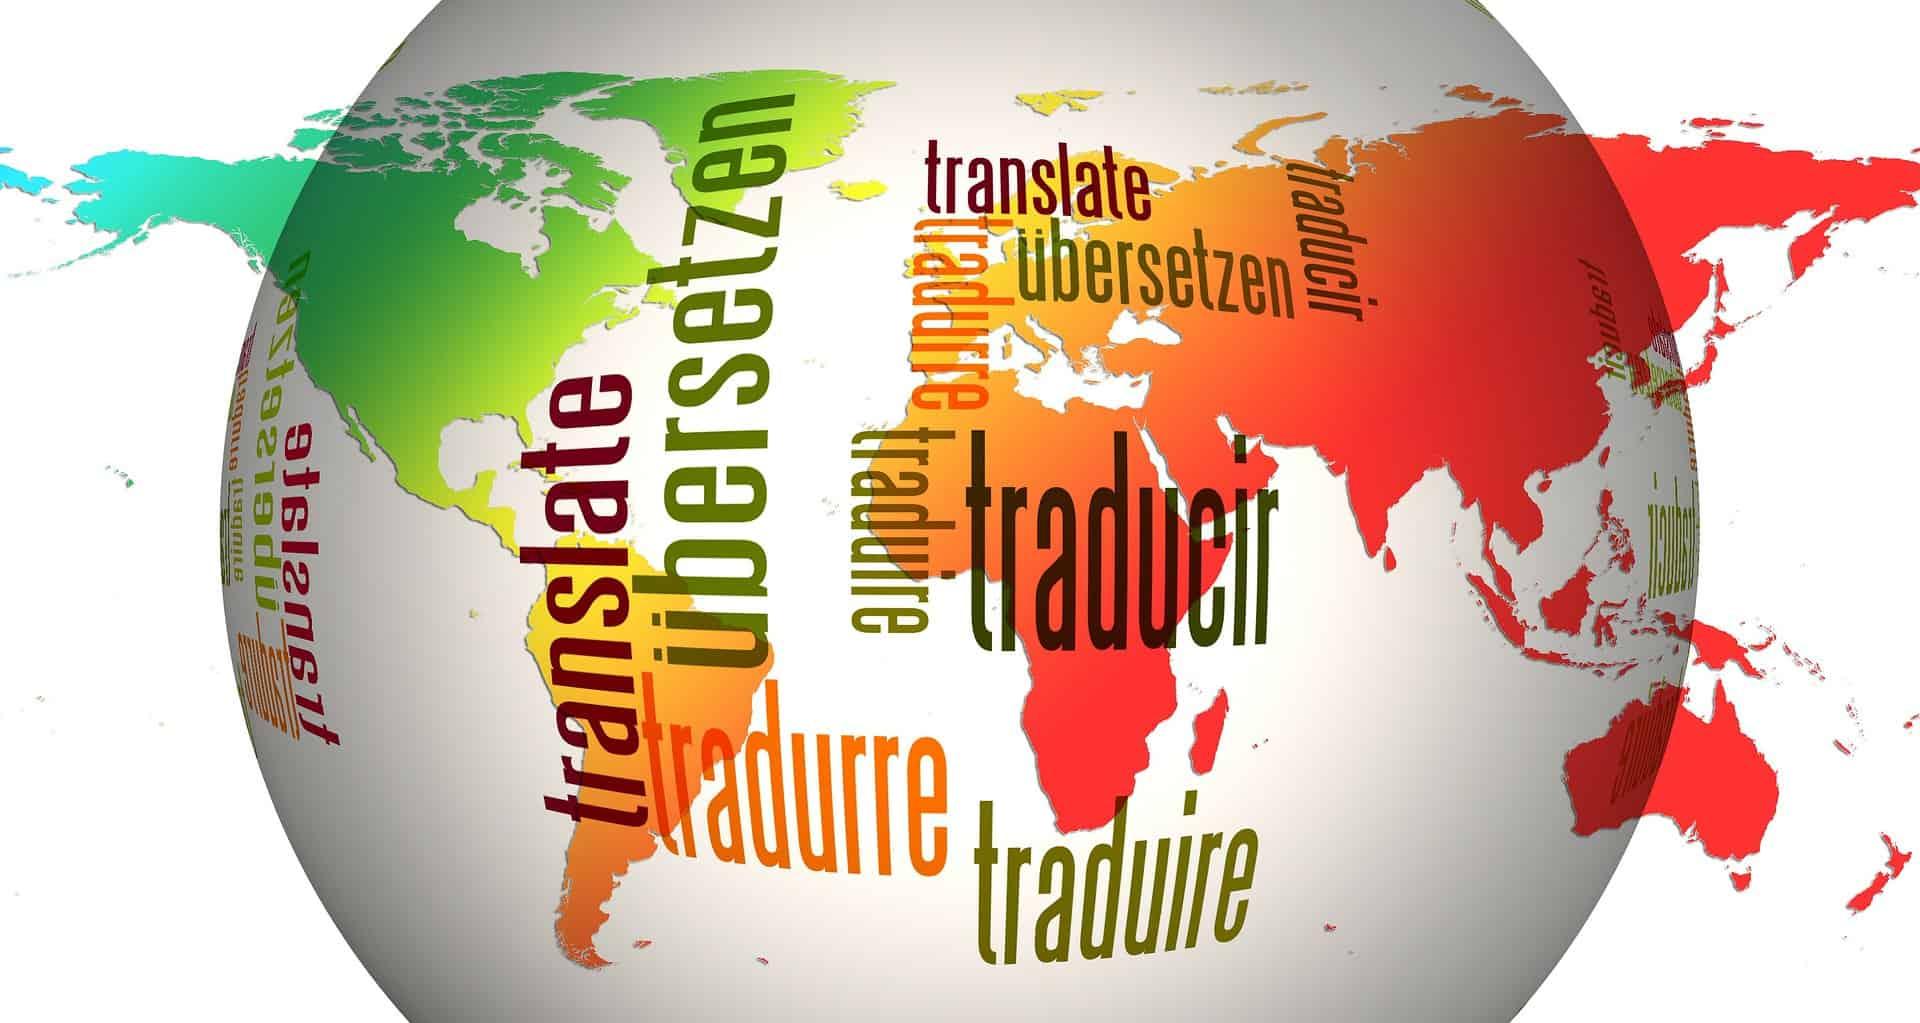 In nur 3 Monaten eine neue Sprache lernen